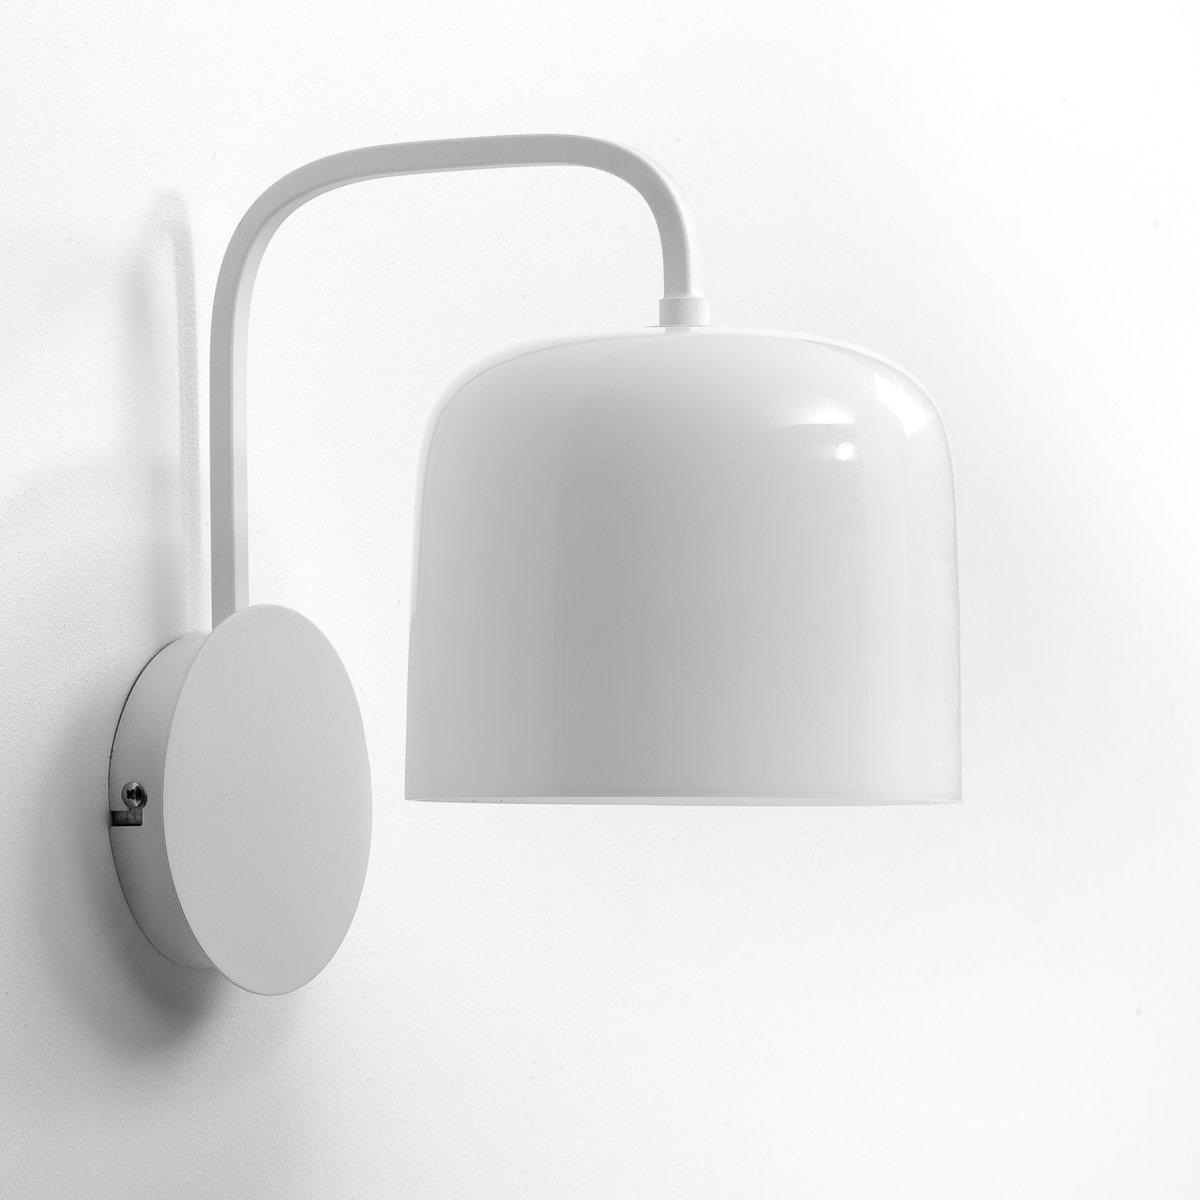 Бра Zella, дизайн Э. ГаллиныПатрон E14 для лампочки макс 40W (не входит в комплект)  .- Размеры. В.28 x Г.20 x Д.18 см.Этот светильник совместим с лампочками    энергетического класса   A, B, C, D, E .<br><br>Цвет: белый